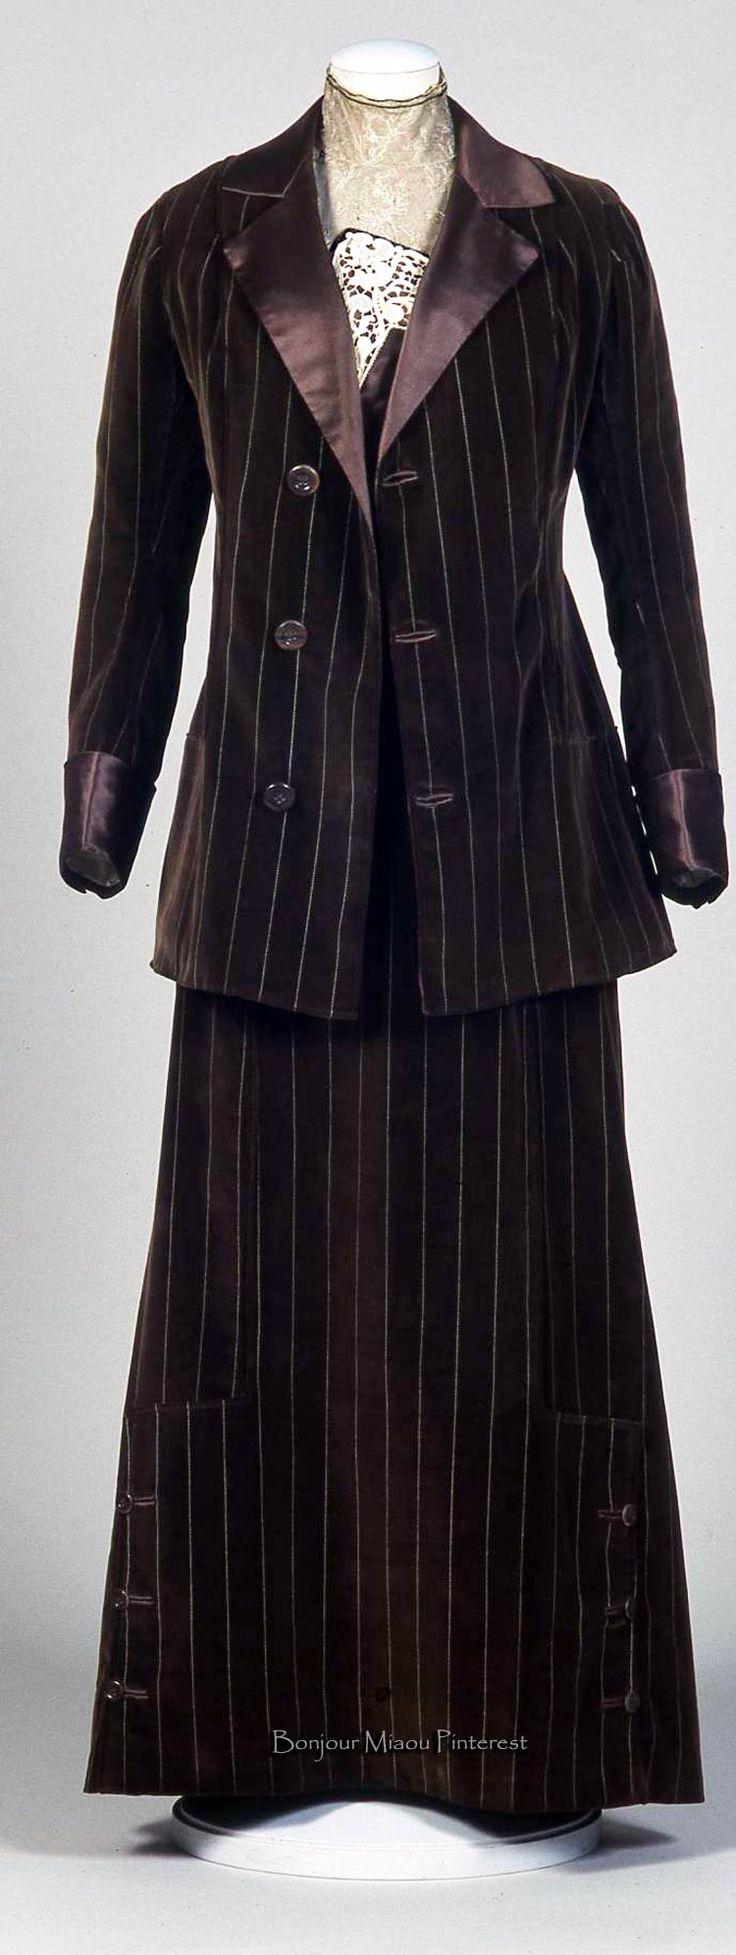 237 Best Images About 1910 U0026 39 S Suits  Walking Suits